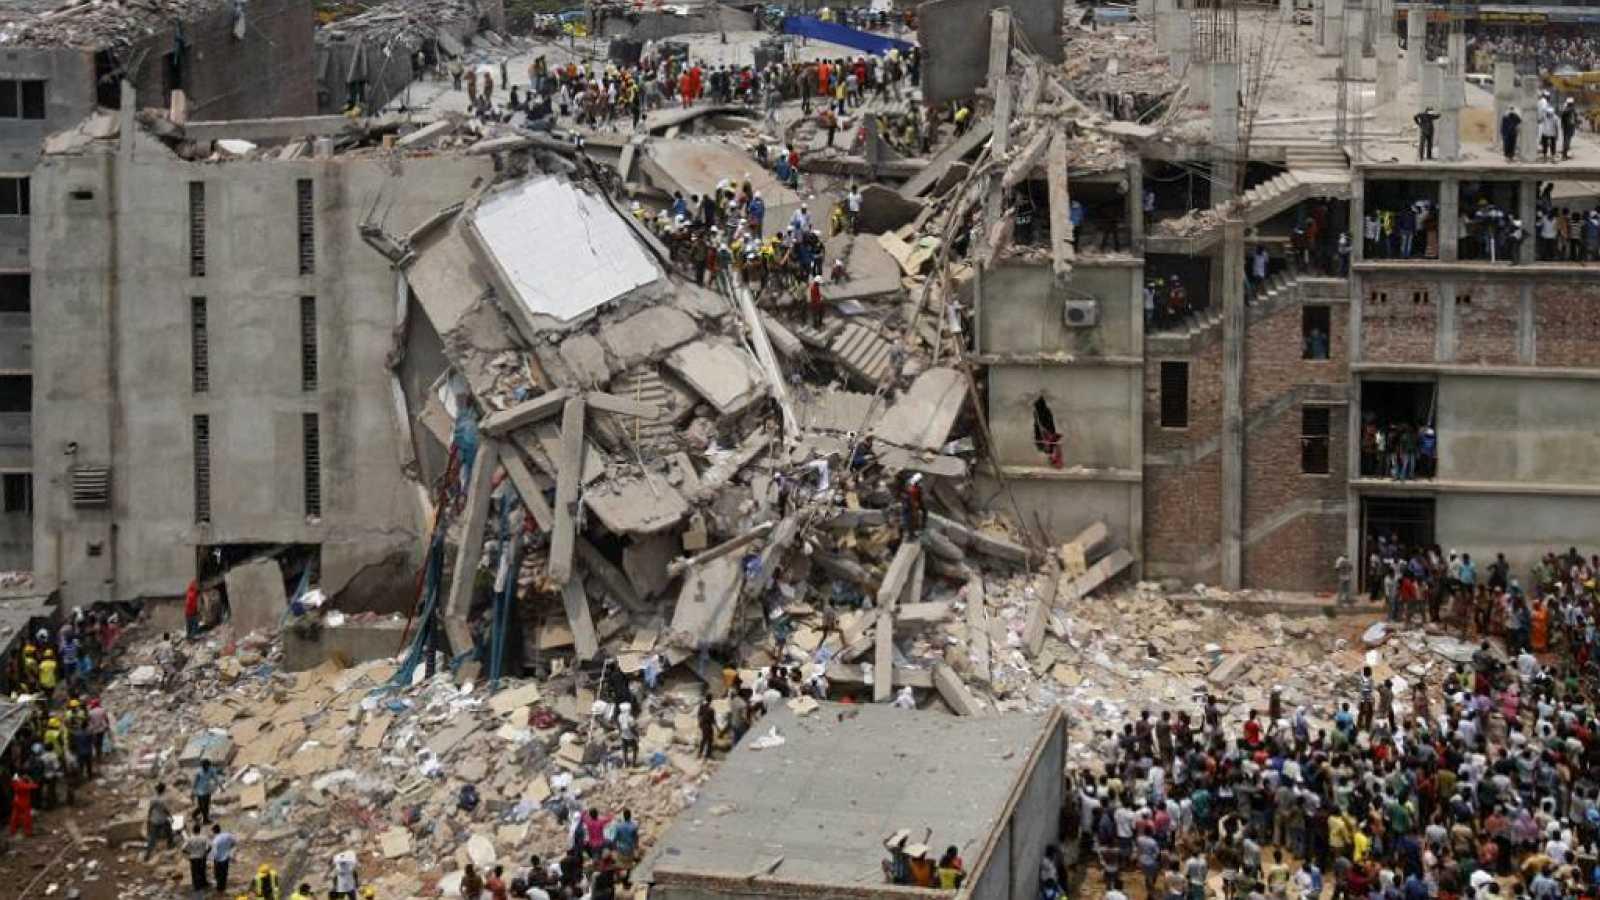 Espacio para la responsabilidad - Cinco años después del Rana Plaza - 24/04/18 - Escuchar ahora